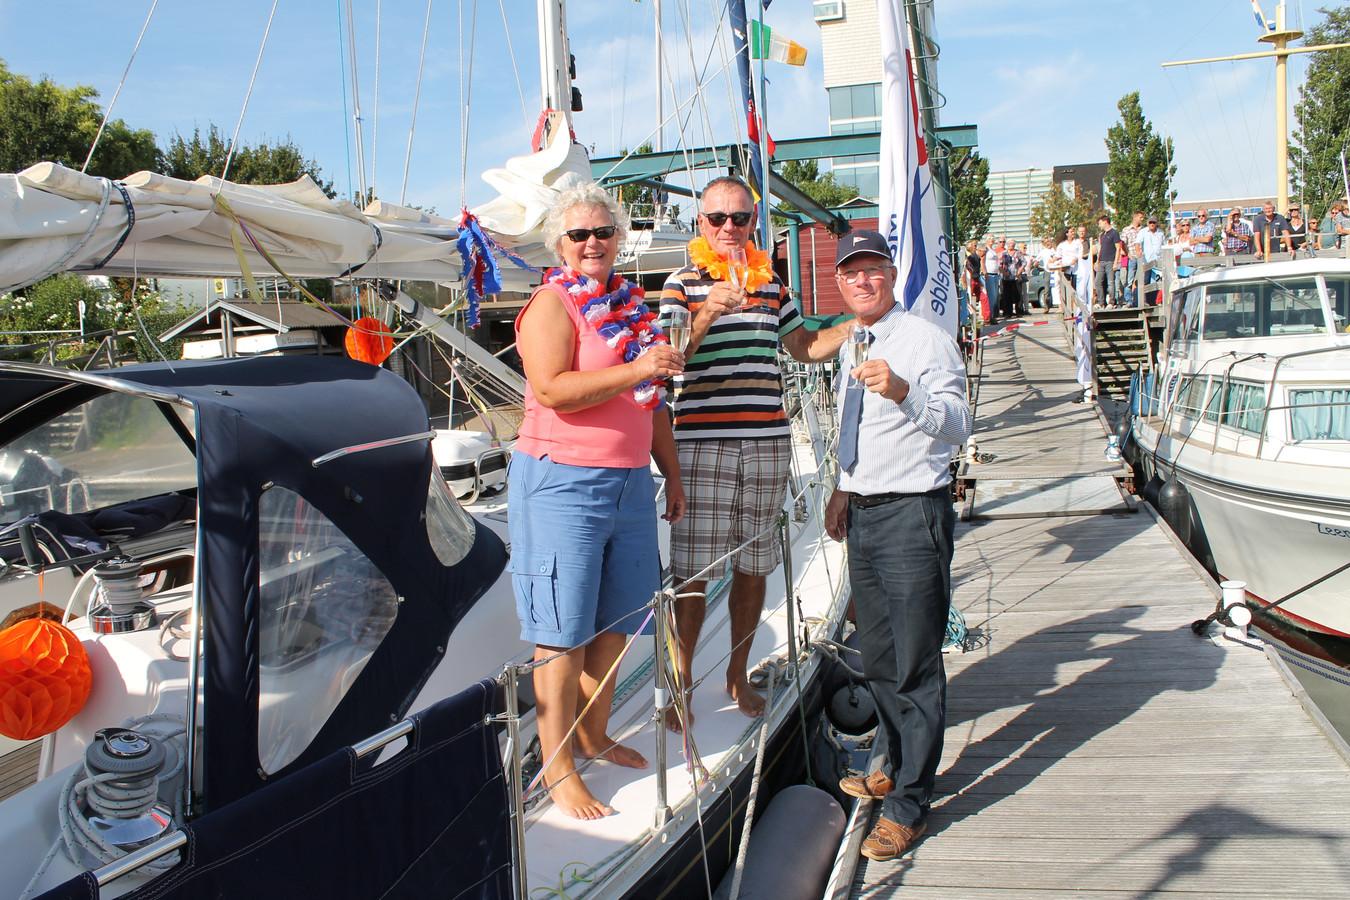 De havenmeester (voorgrond), familie en vrienden (achtergrond) verwelkomen de zeezeilers.